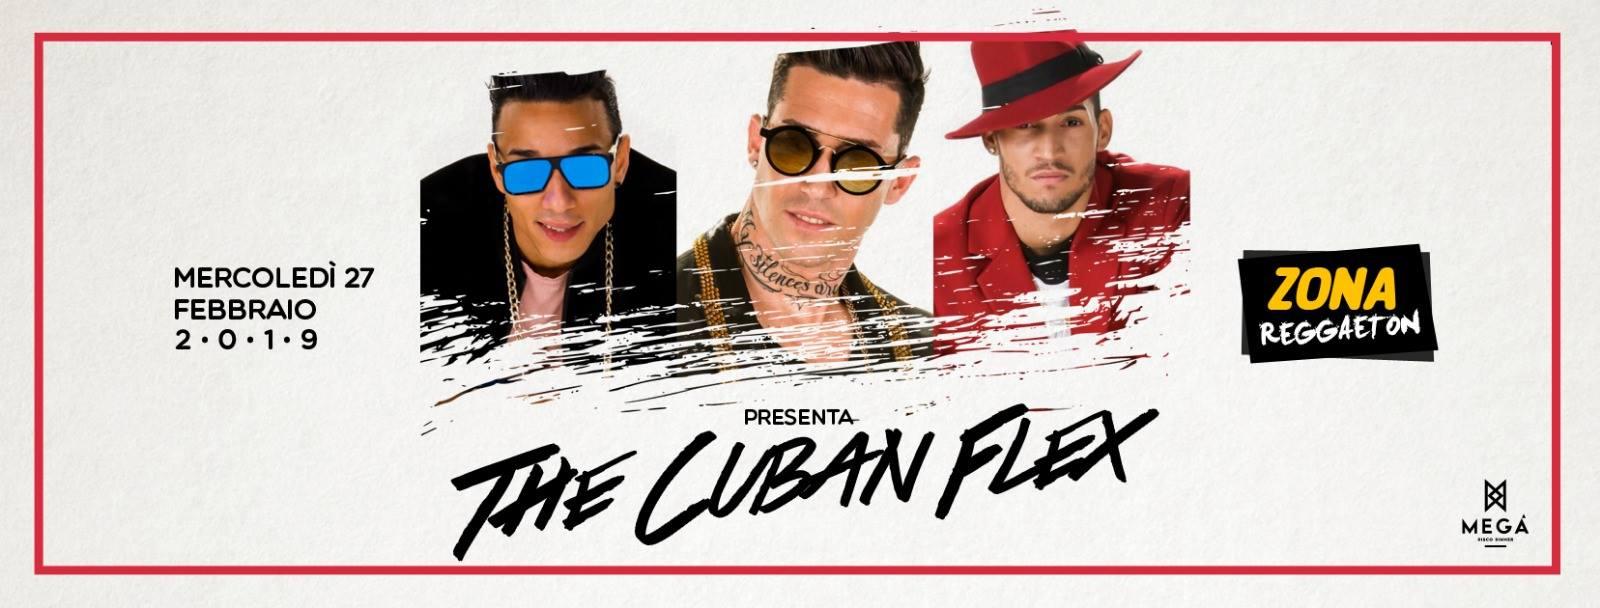 Cuban Flex Zona Reggaeton Discoteca Mega Pescara